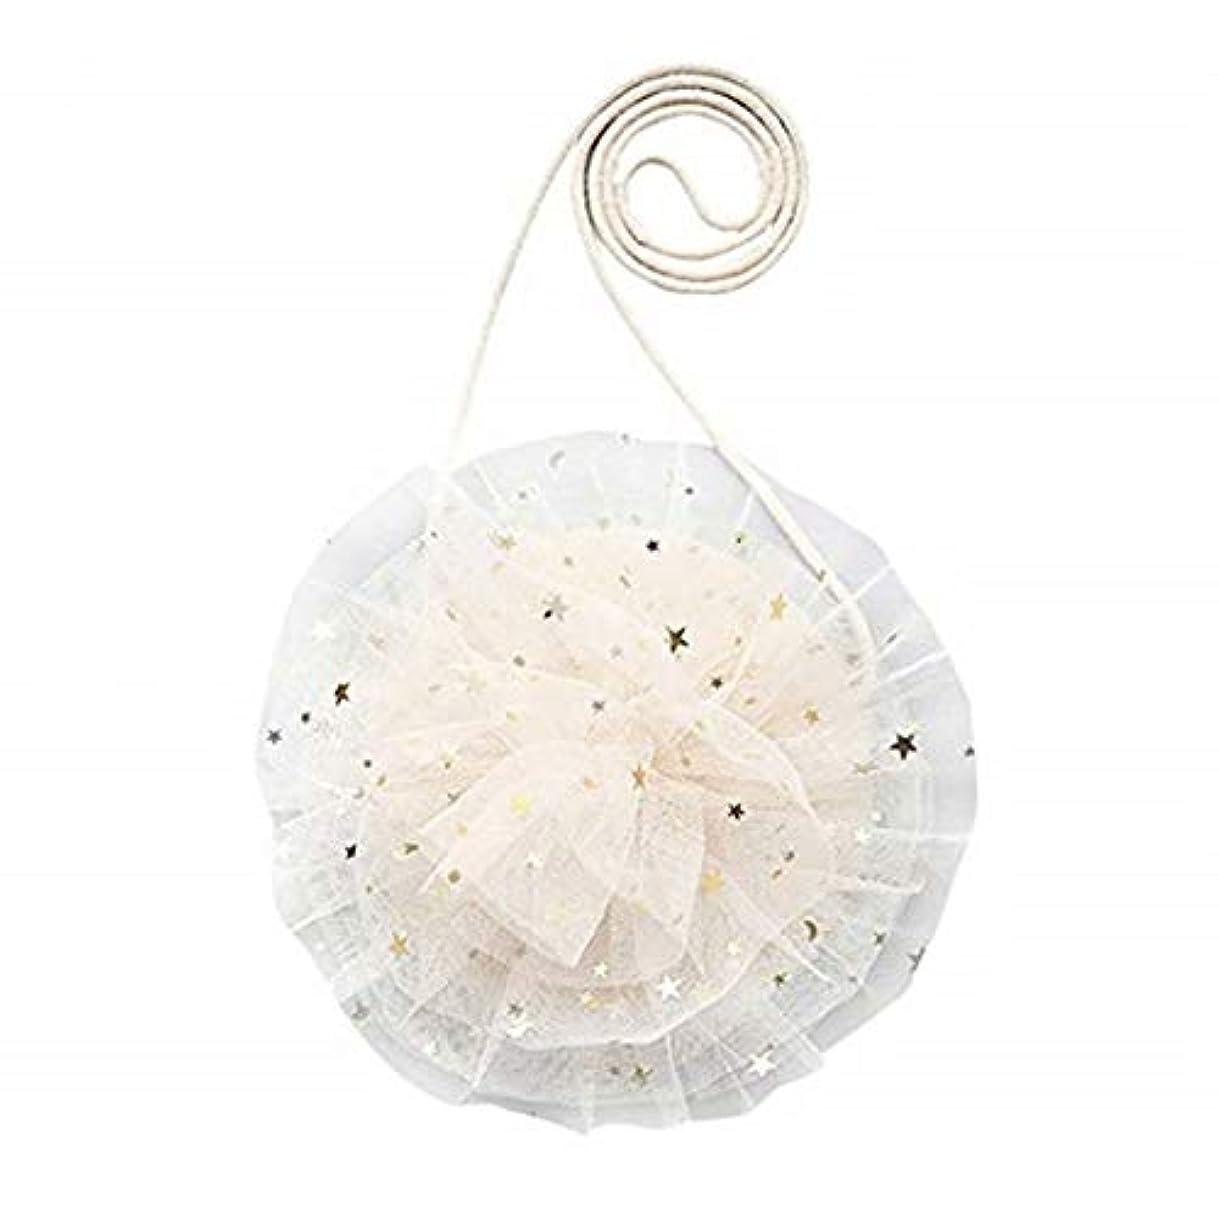 寝室を掃除するシフト原子七里の香 美しい かわいいレース糸フラワーバッグ ミニクロスボディバッグ